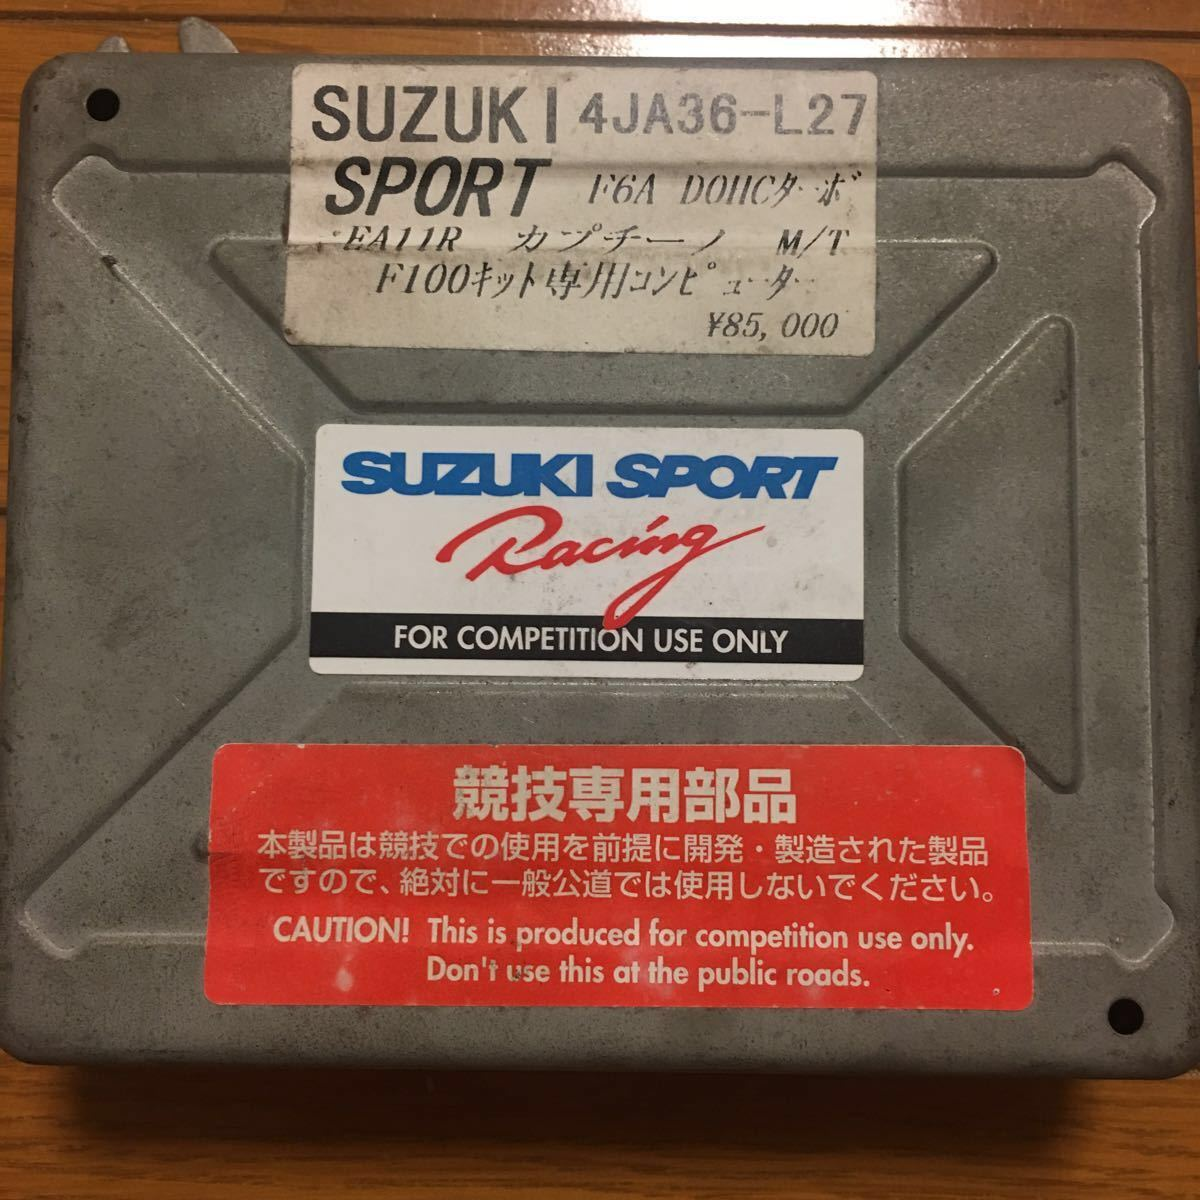 スズキスポーツ F100 キット専用コンピューター 295ccインジェクター カプチーノ EA11R AZ-1 F6A SUZUKI SPORT ECU _画像2